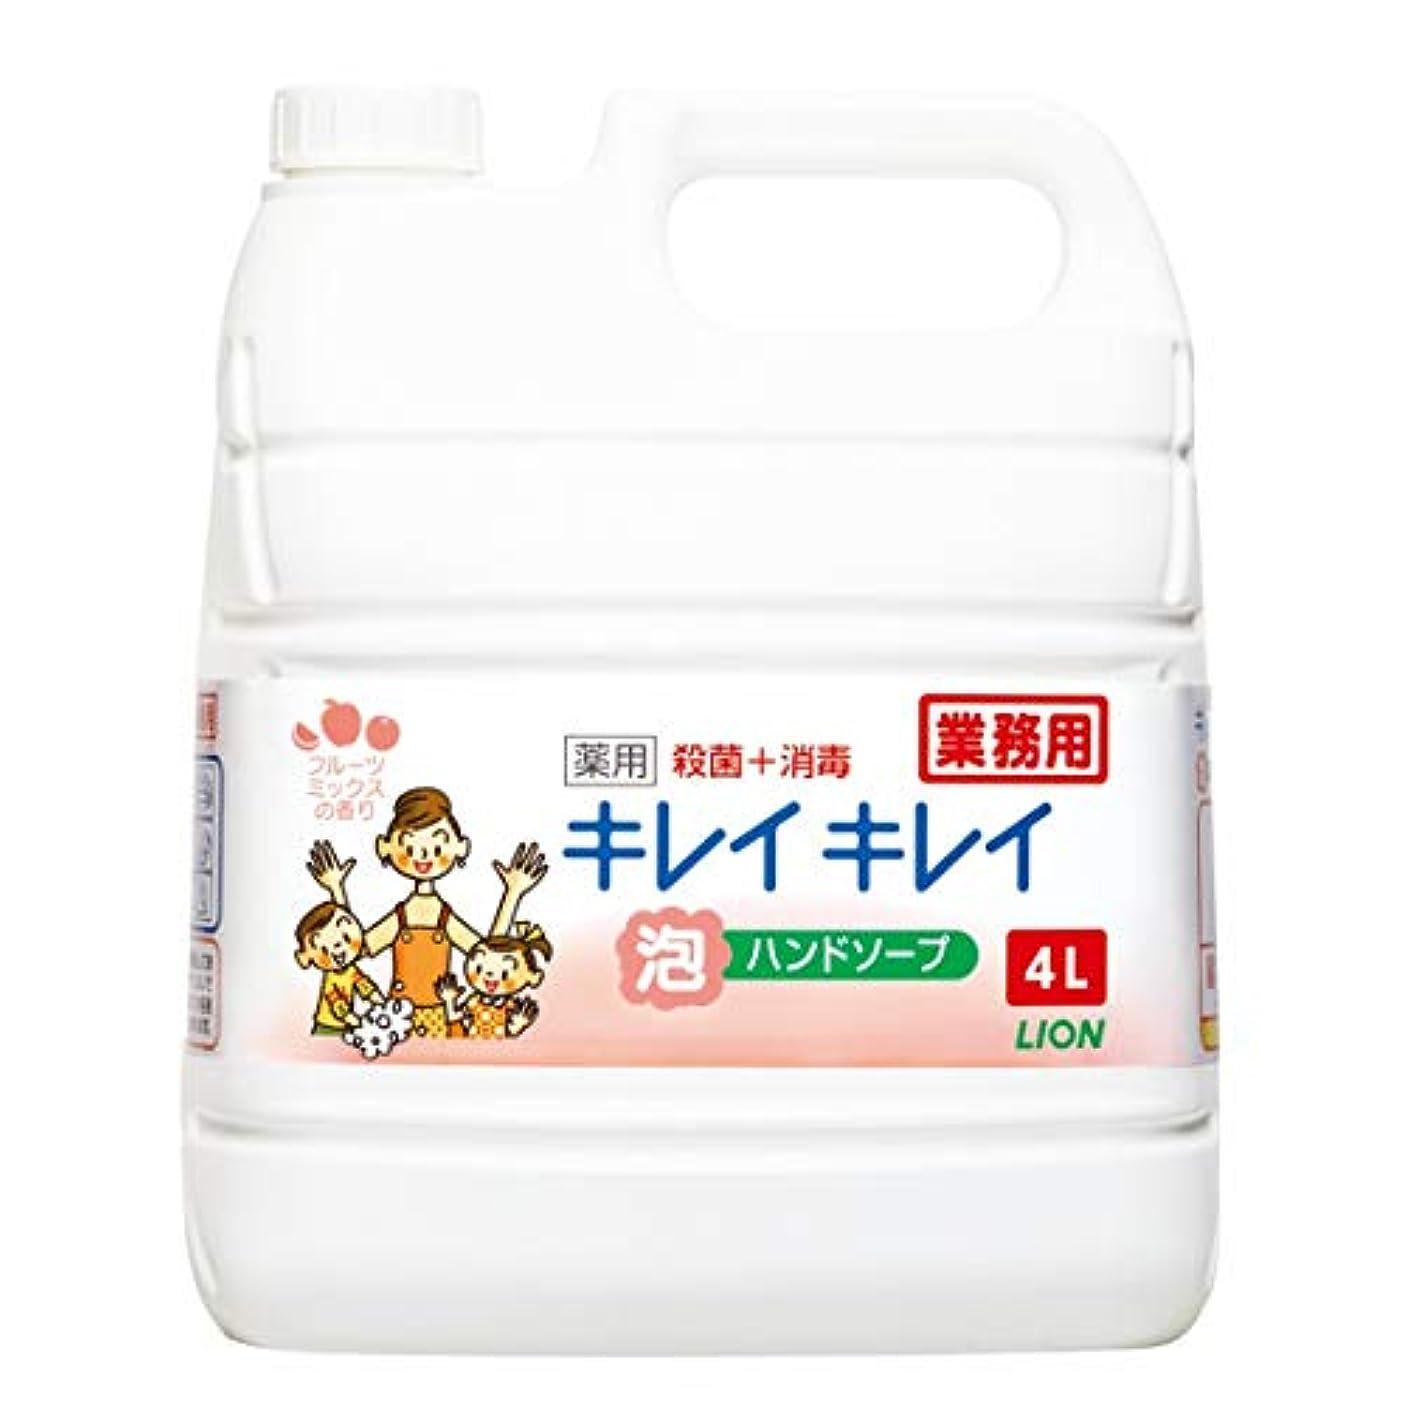 襲撃不適切なでる【業務用 大容量】キレイキレイ 薬用 泡ハンドソープフルーツミックスの香り 4L(医薬部外品)